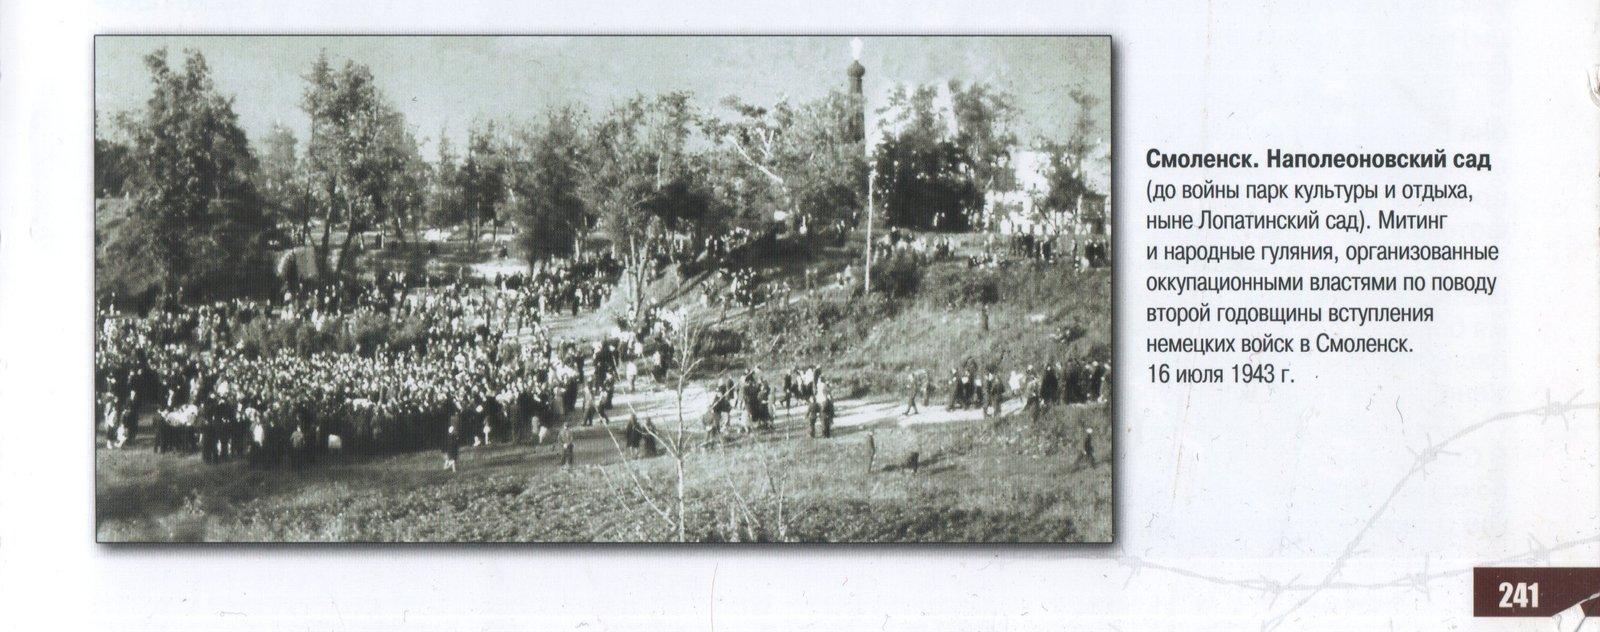 http://old-smolensk.ru/wp-content/uploads/2018/07/smolensk-napoleons-garden-16jul1943_amelin-etc-smolensk-occupation_p241.jpeg